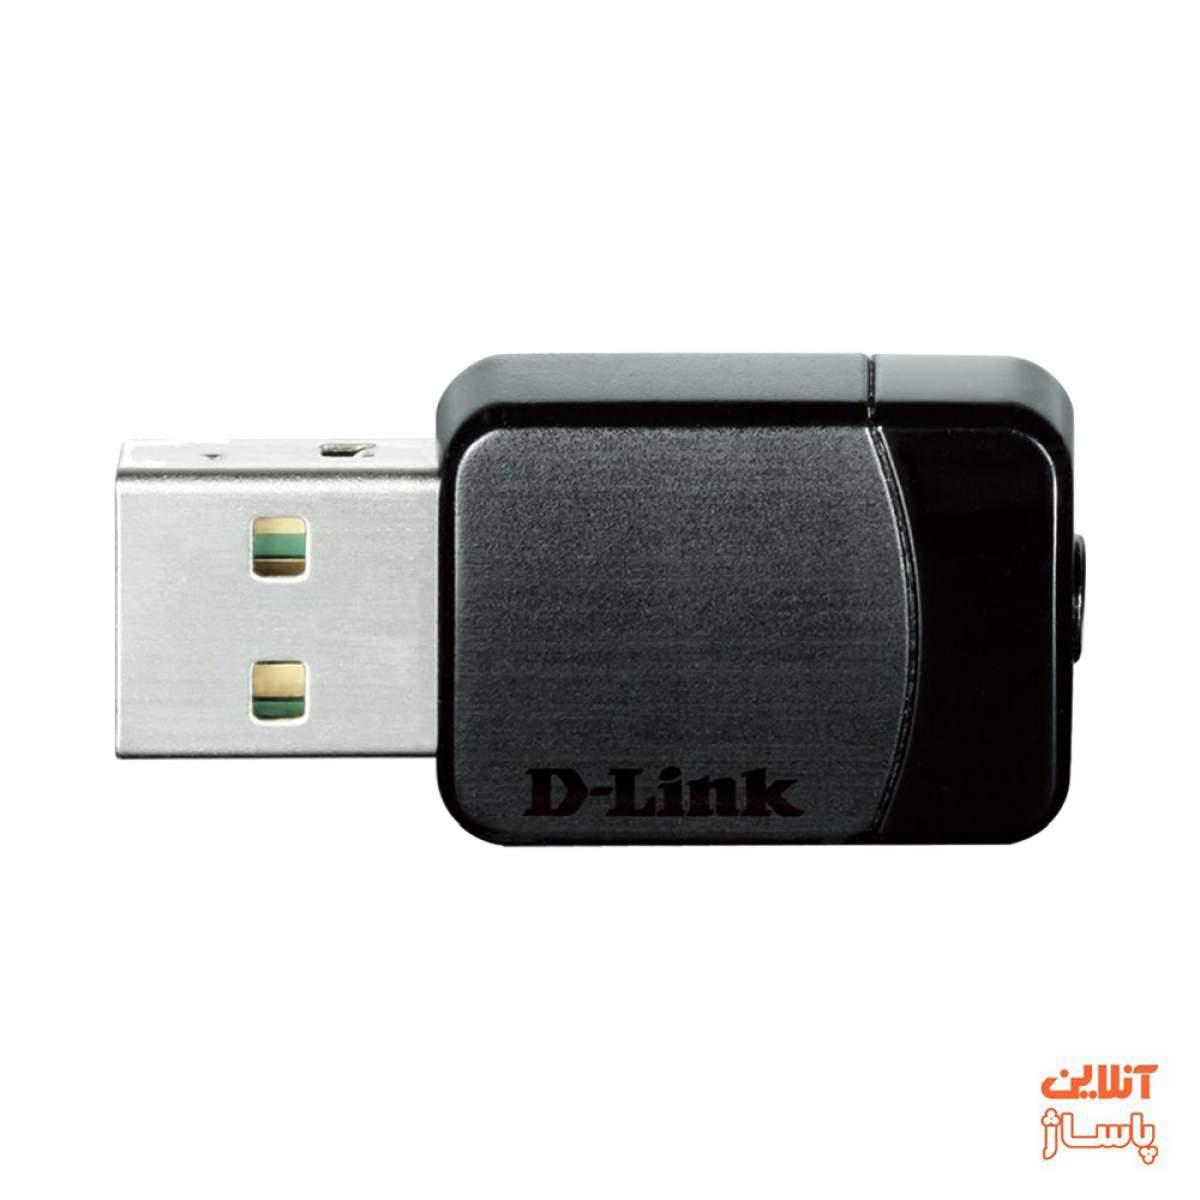 کارت شبکه USB بیسیم دی-لینک مدل DWA-171 AC Dual Band